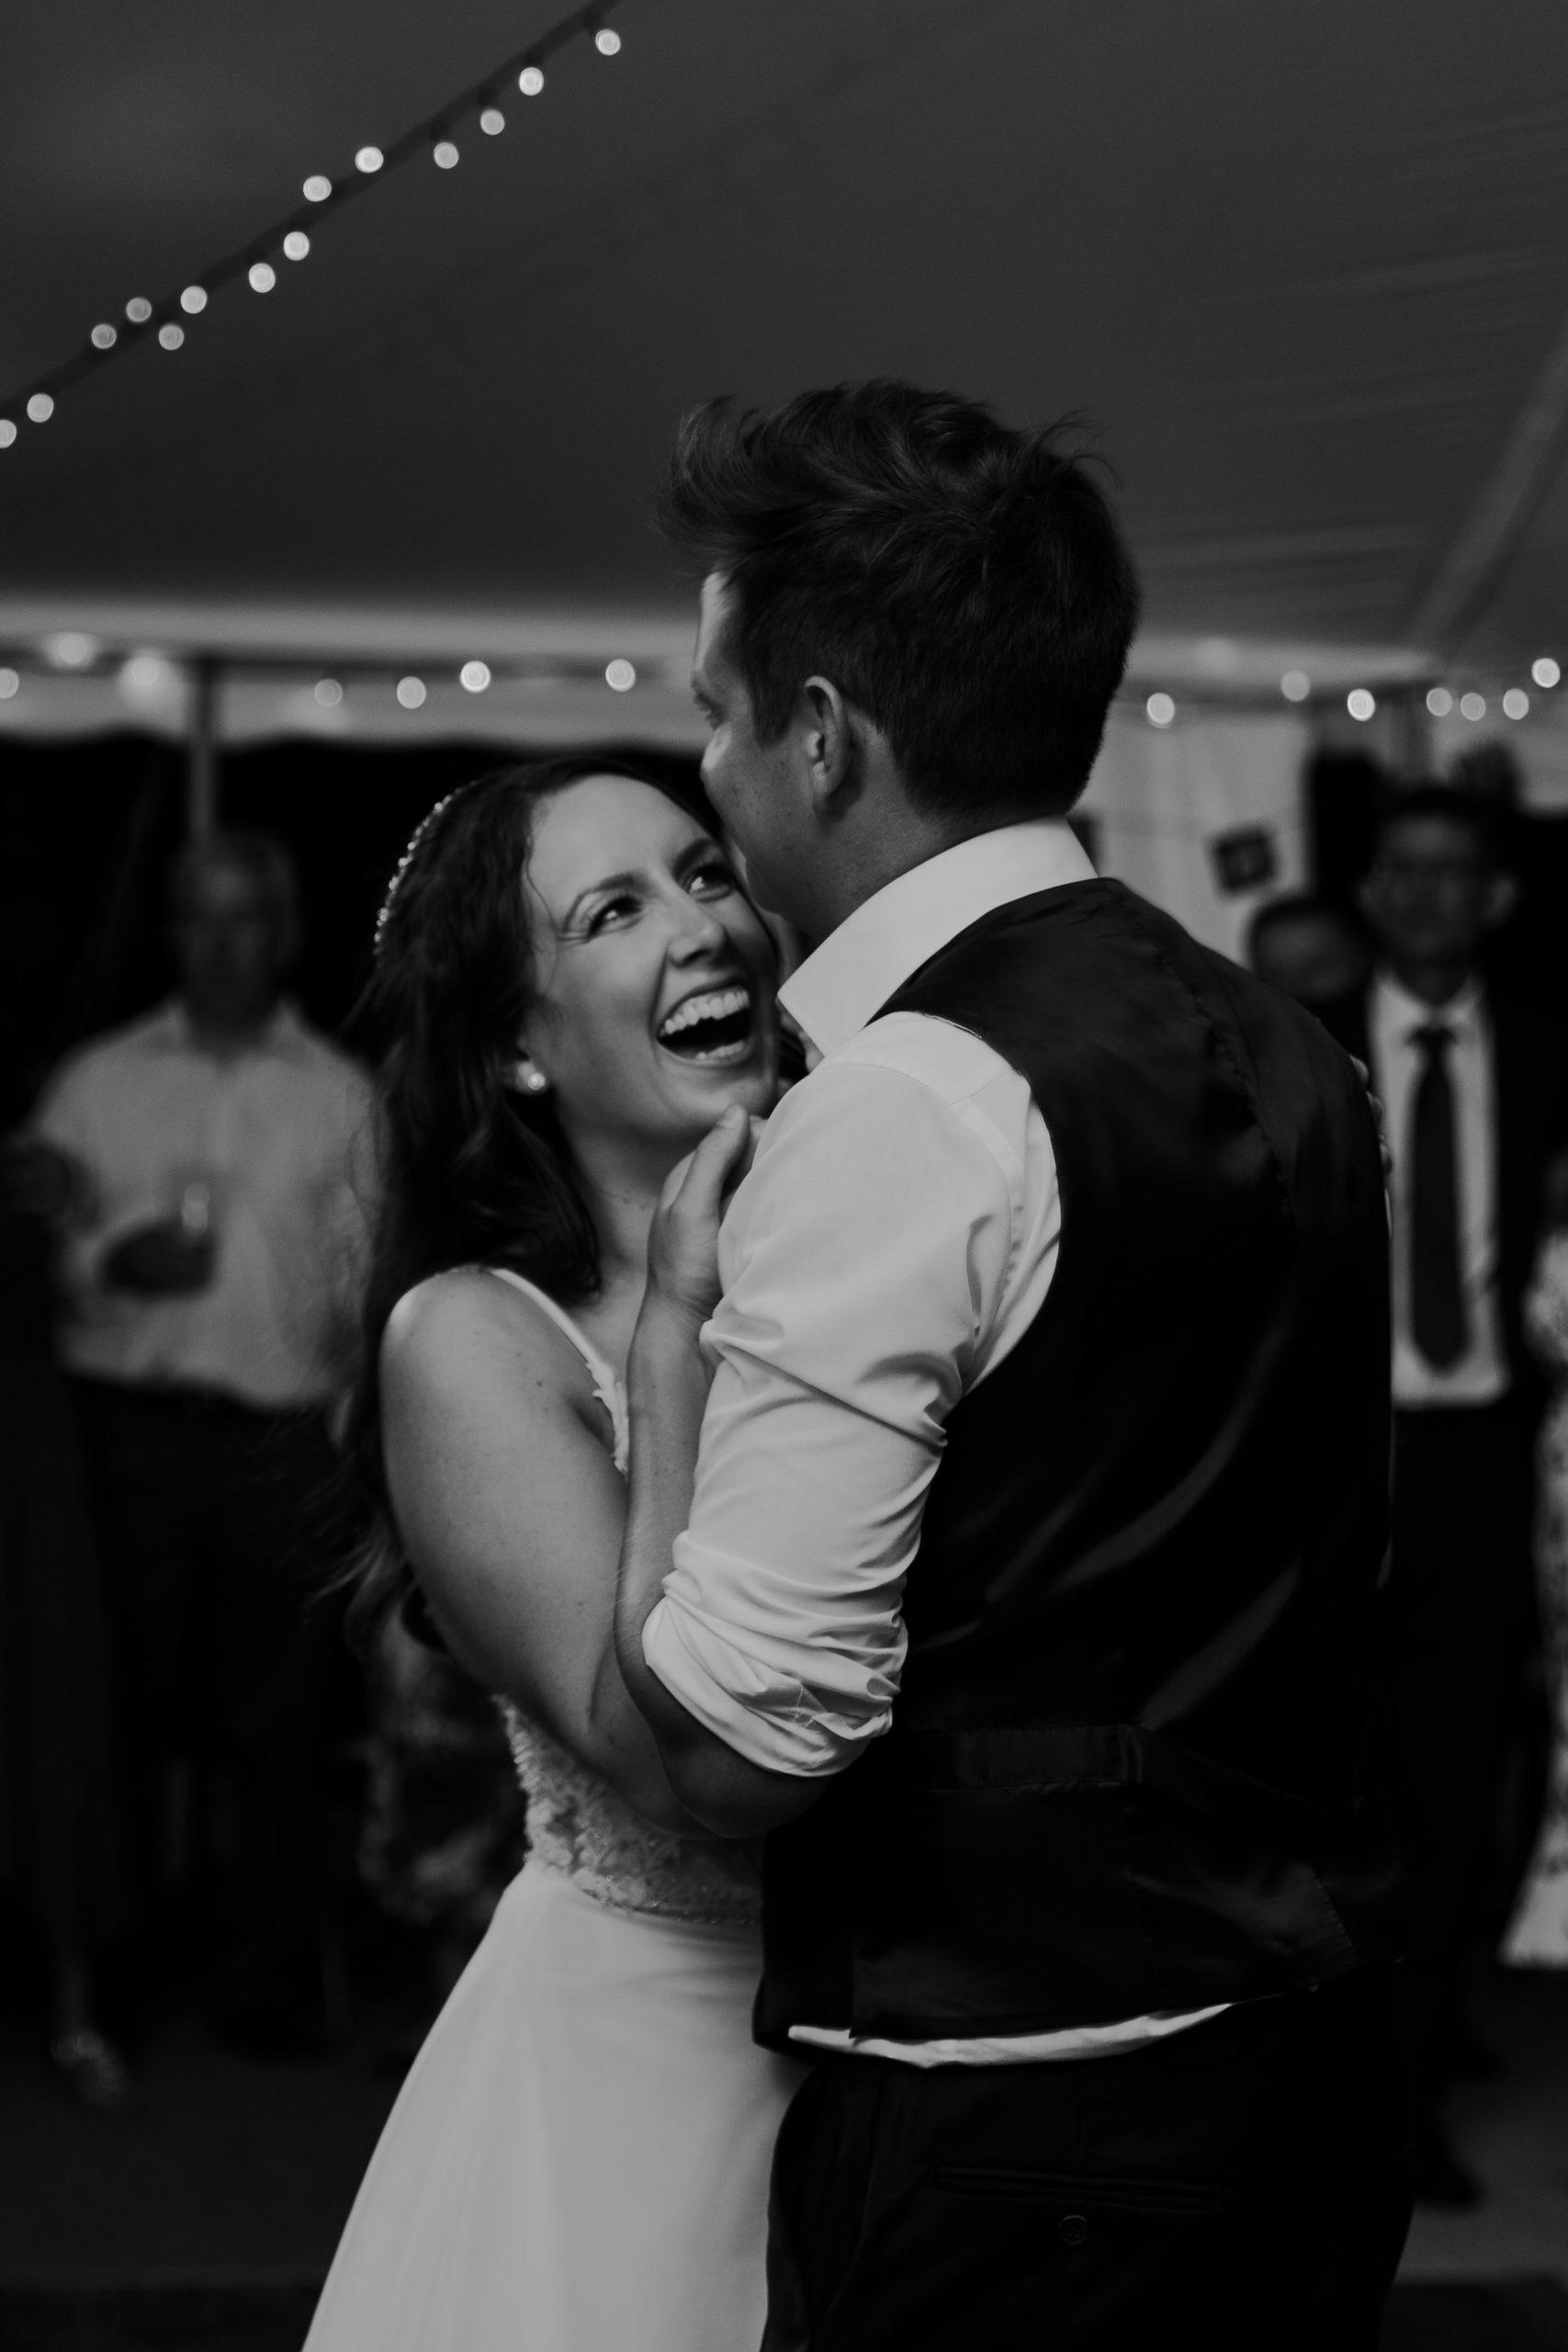 wedding party dance floor bride groom love dancing